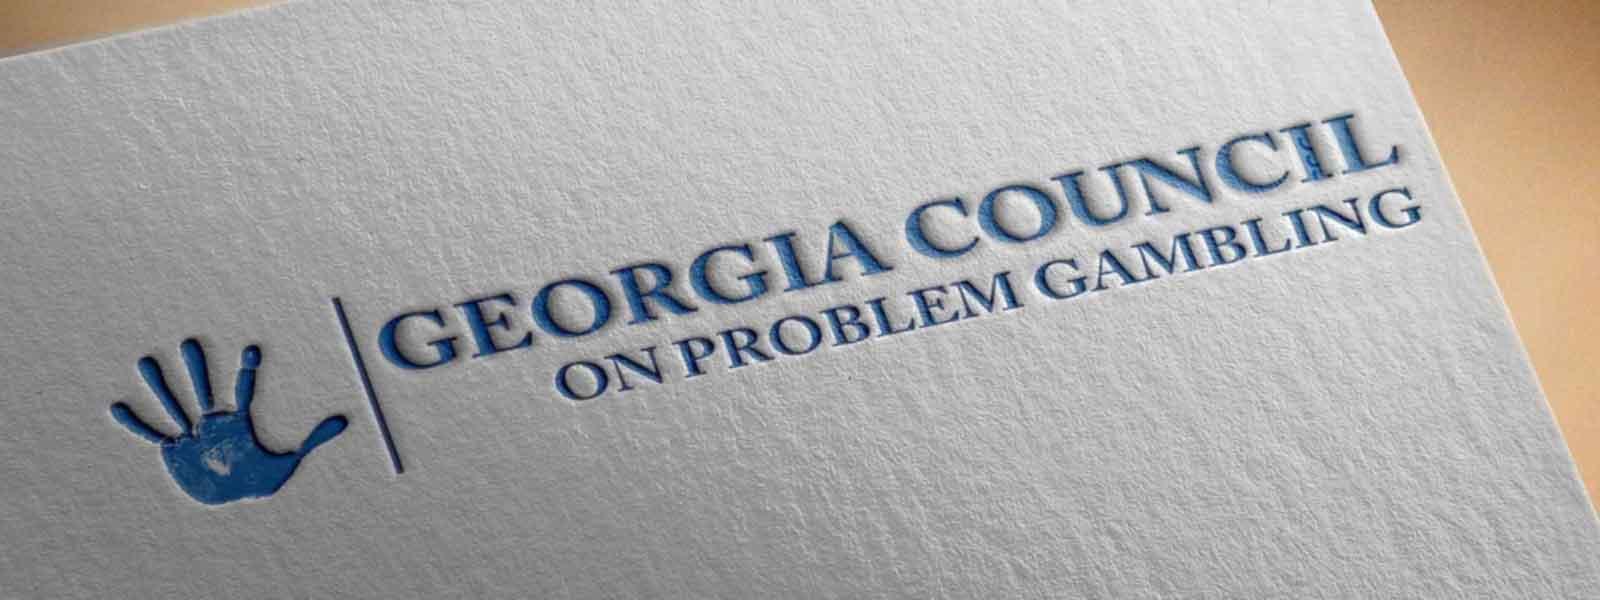 1_georgia_online_gambling